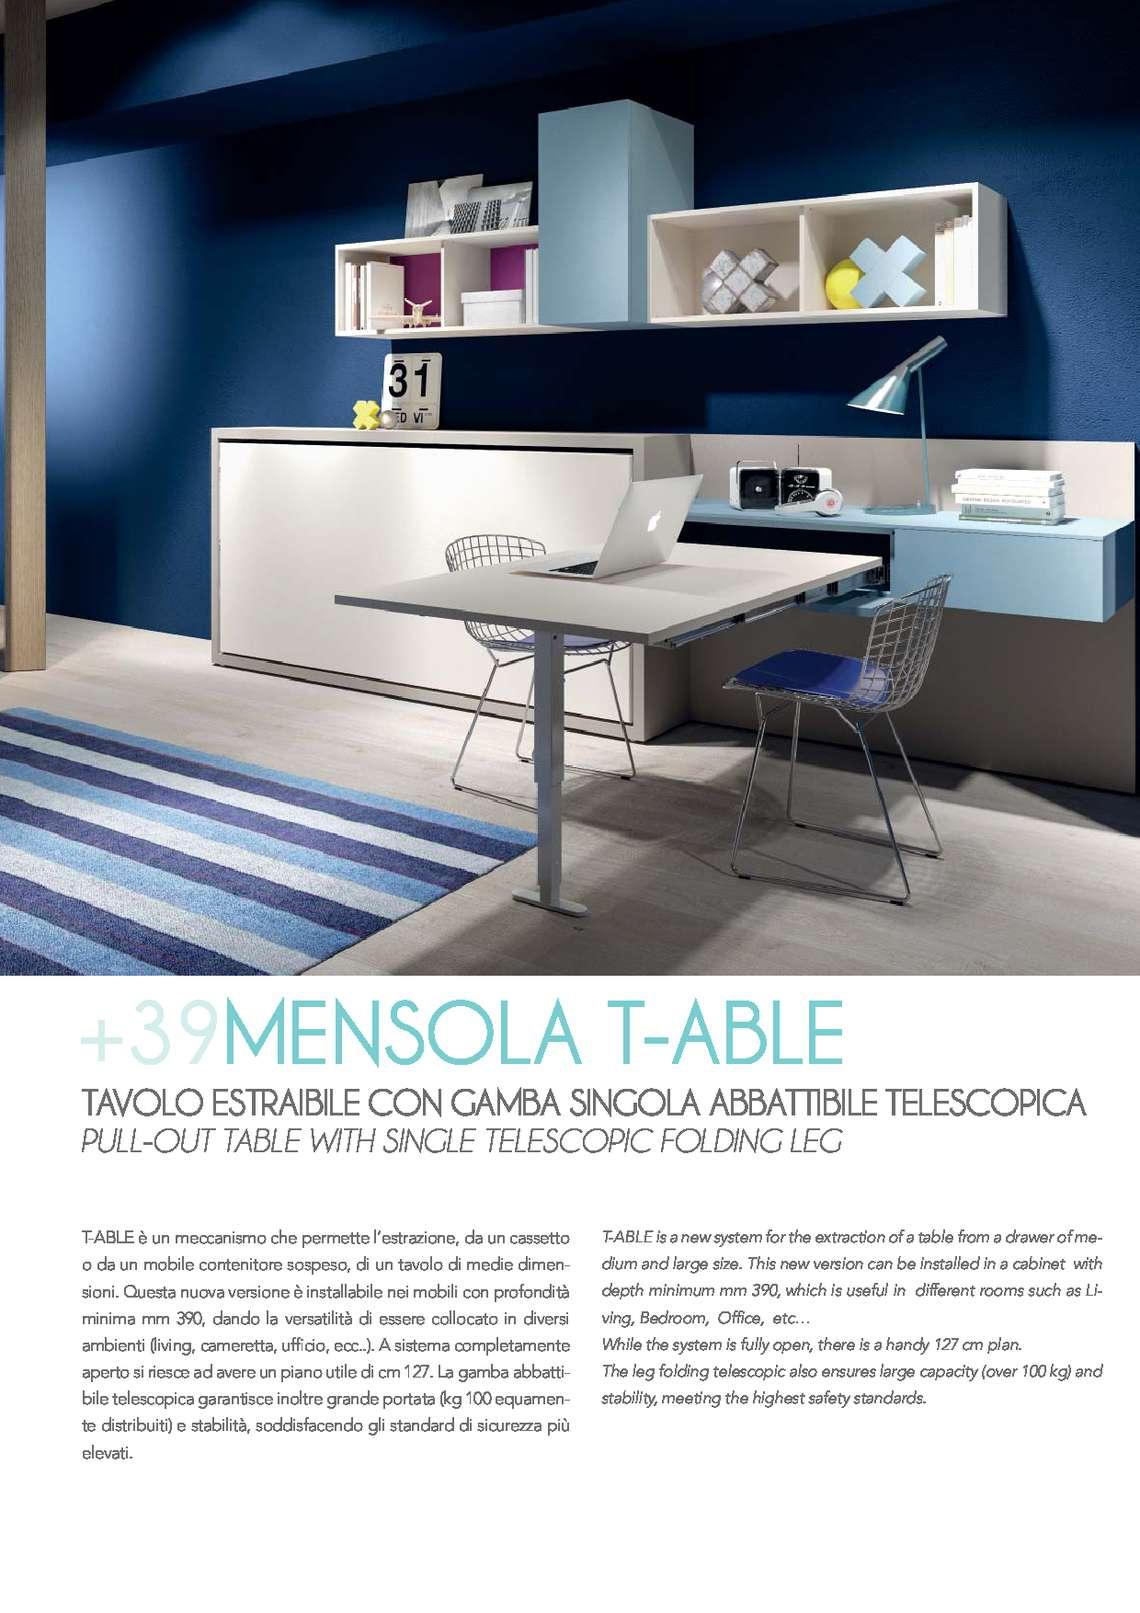 catalogo-trasformabili-atim_22_063.jpg